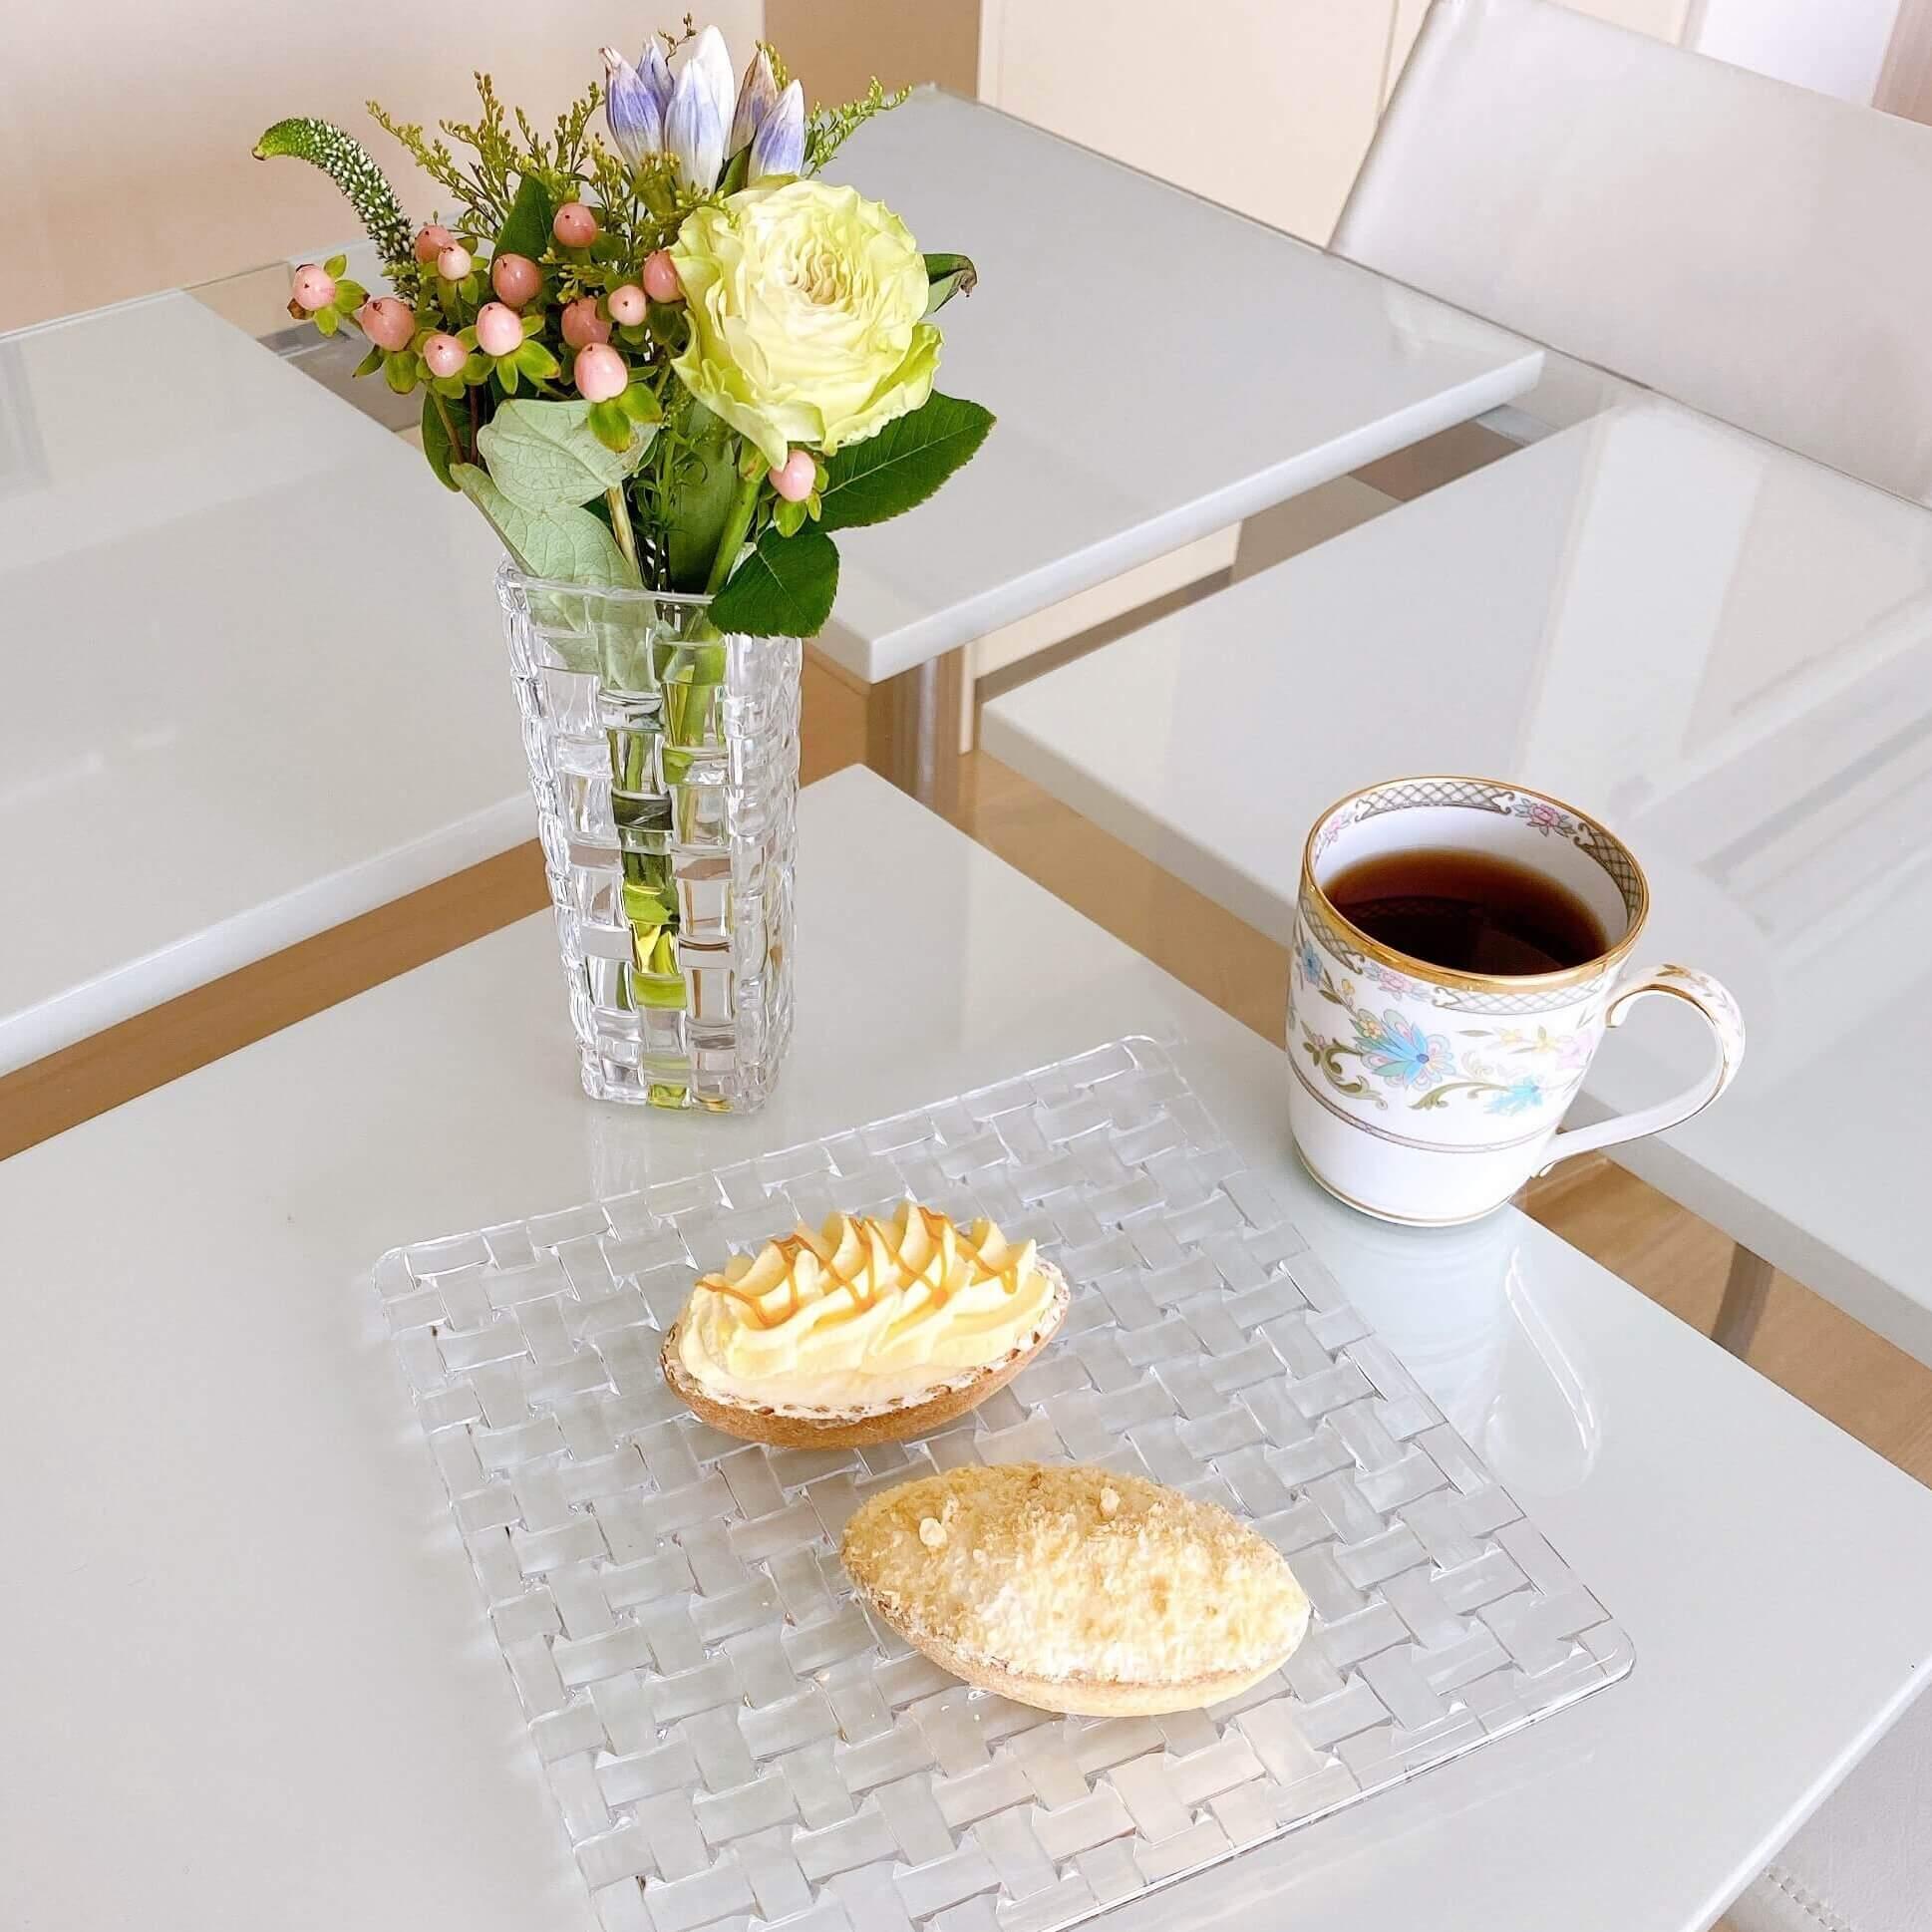 ブルーミーレギュラープランで届いたお花と一緒にお茶を楽しむ様子